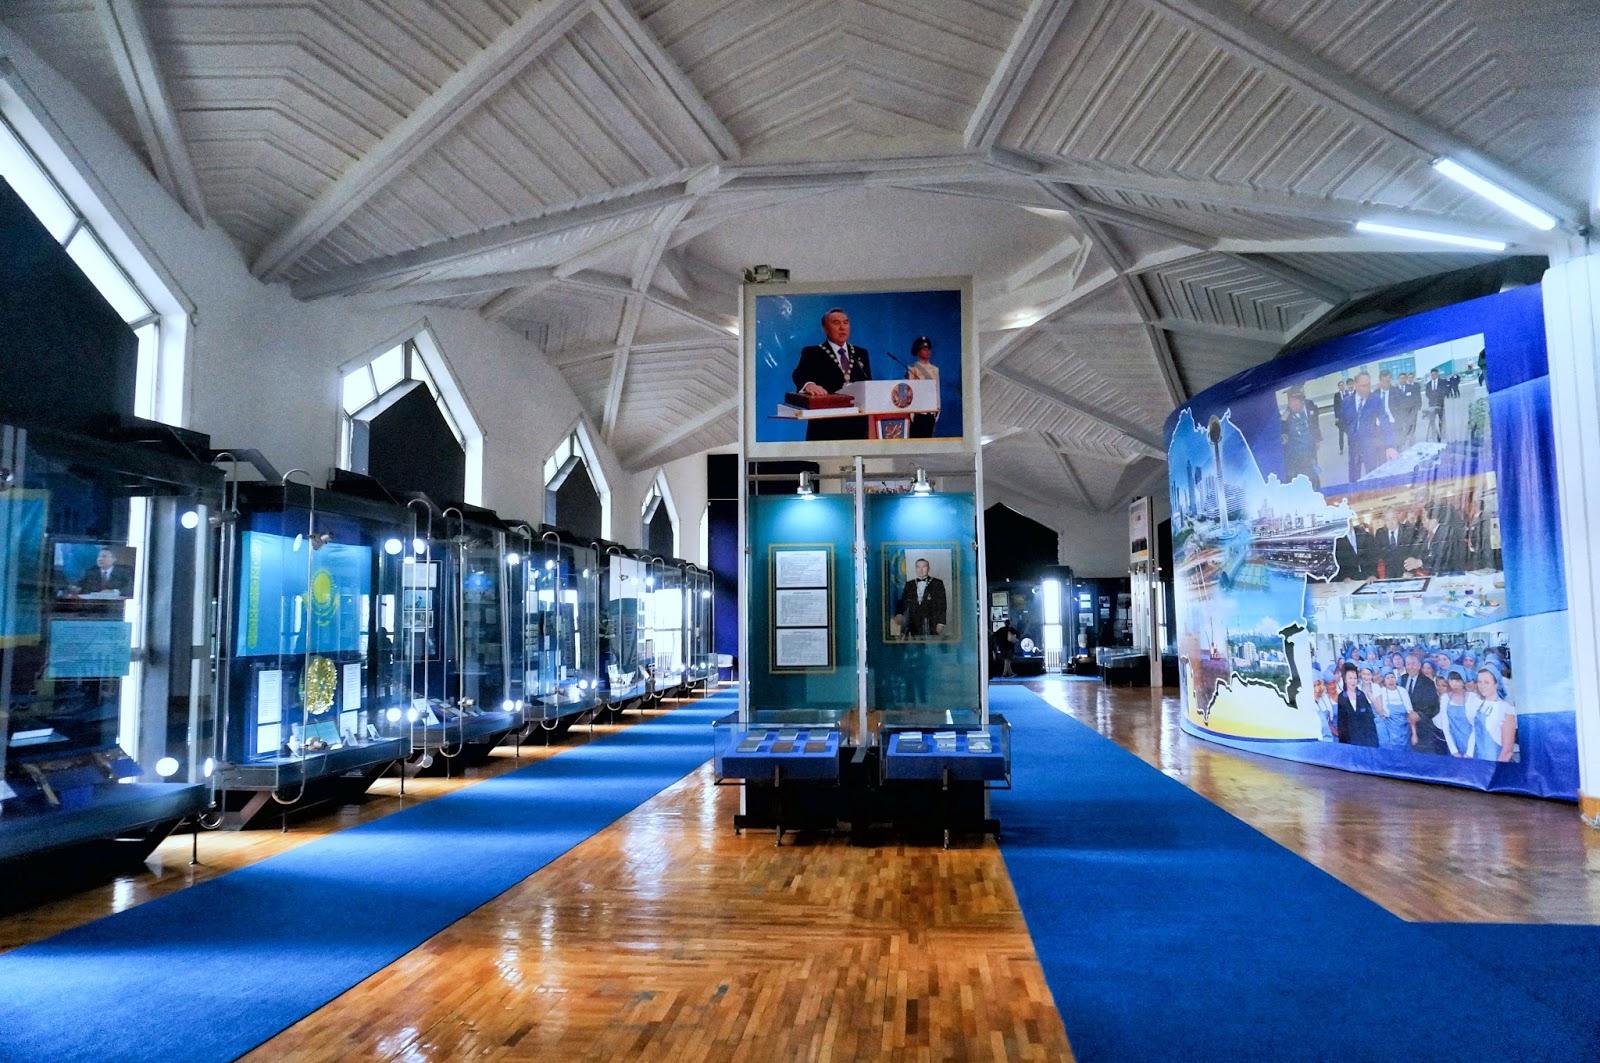 wyprawa do Kazachstanu, co zobaczyć w Kazachstanie, Kazachstan ciekawostki, zwiedzanie Kazachstanu, Kazachstan muzeum, prezydent Kazachstanu